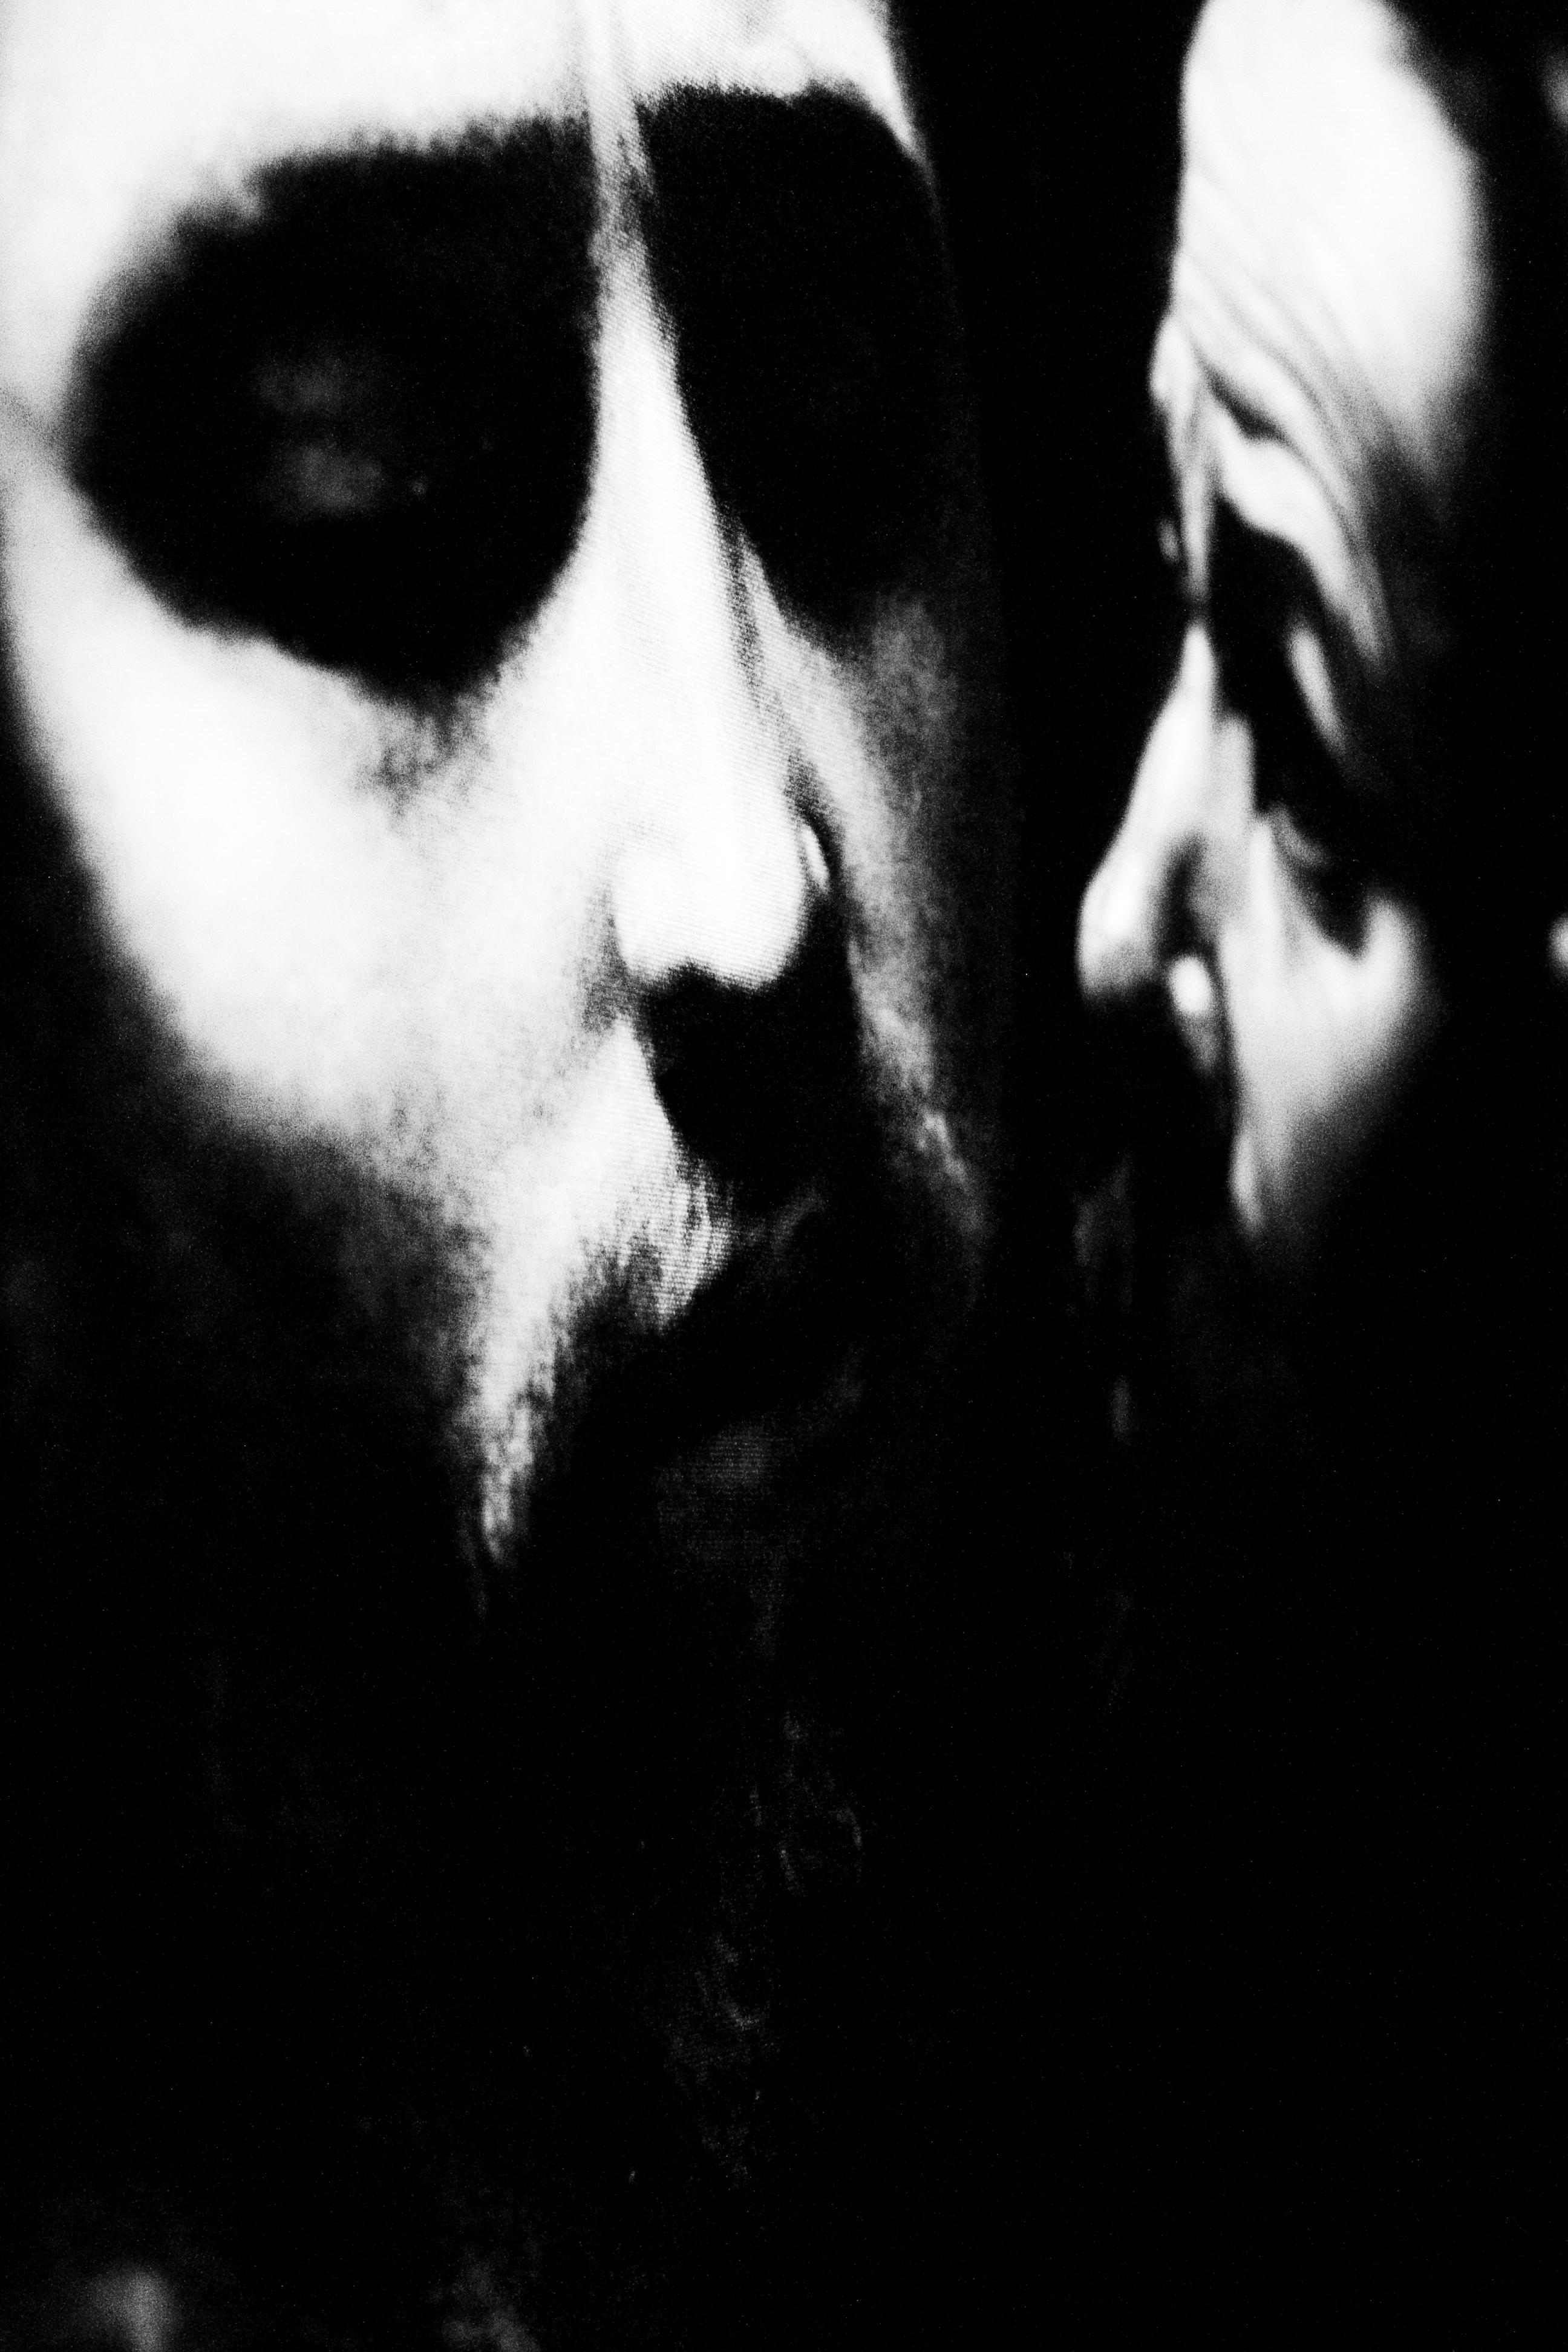 La cattura di Cristo foto di Anna Laviosa dal progetto Cattura di Caravaggio ( 2011 )